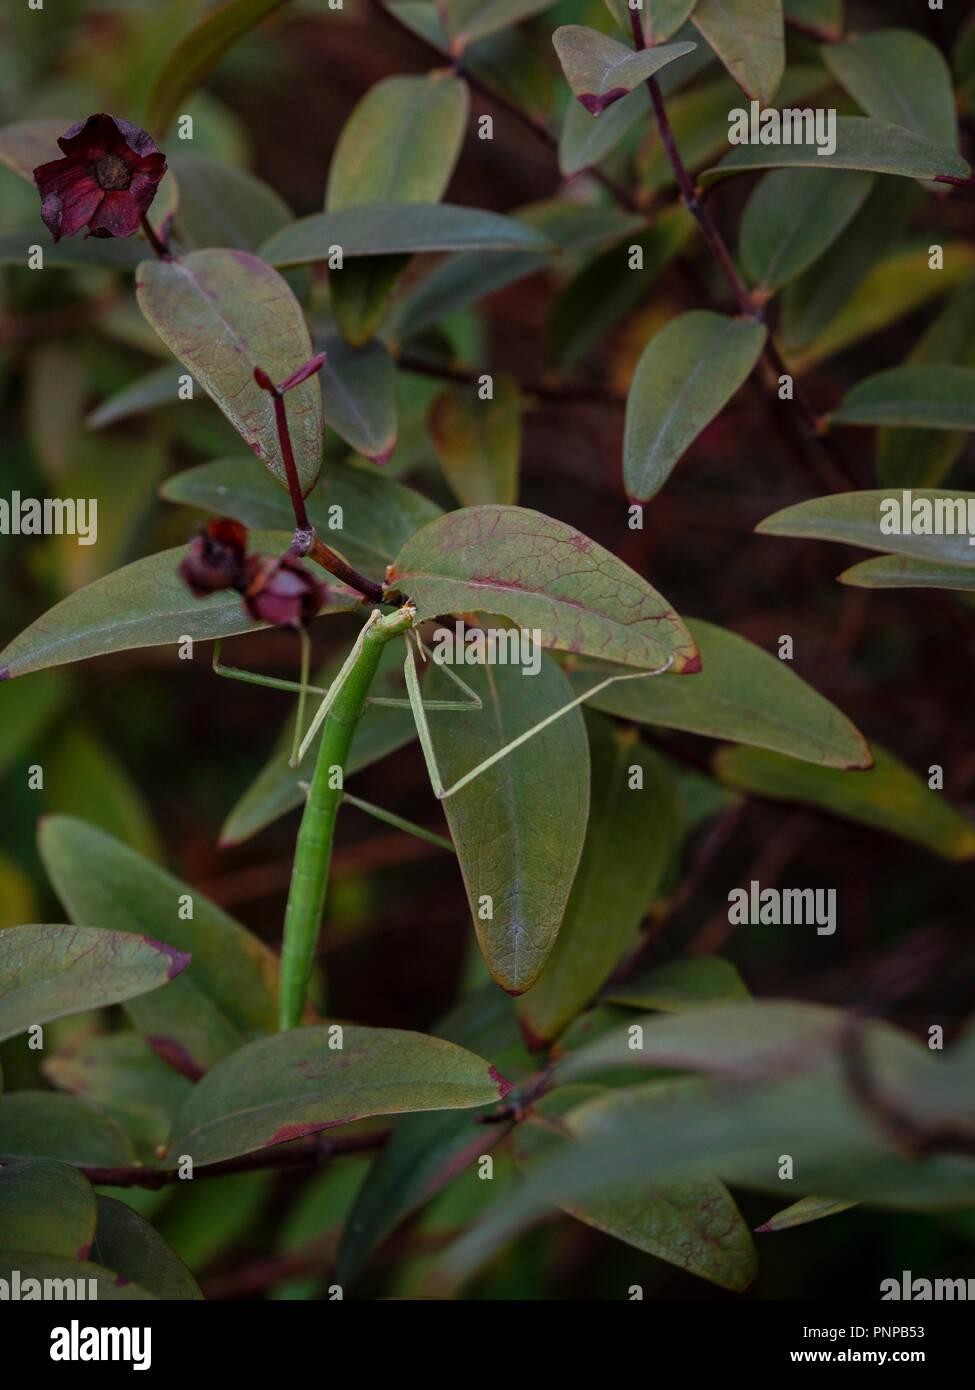 Phasme bâton mangeant une feuille d'arbuste. Banque D'Images